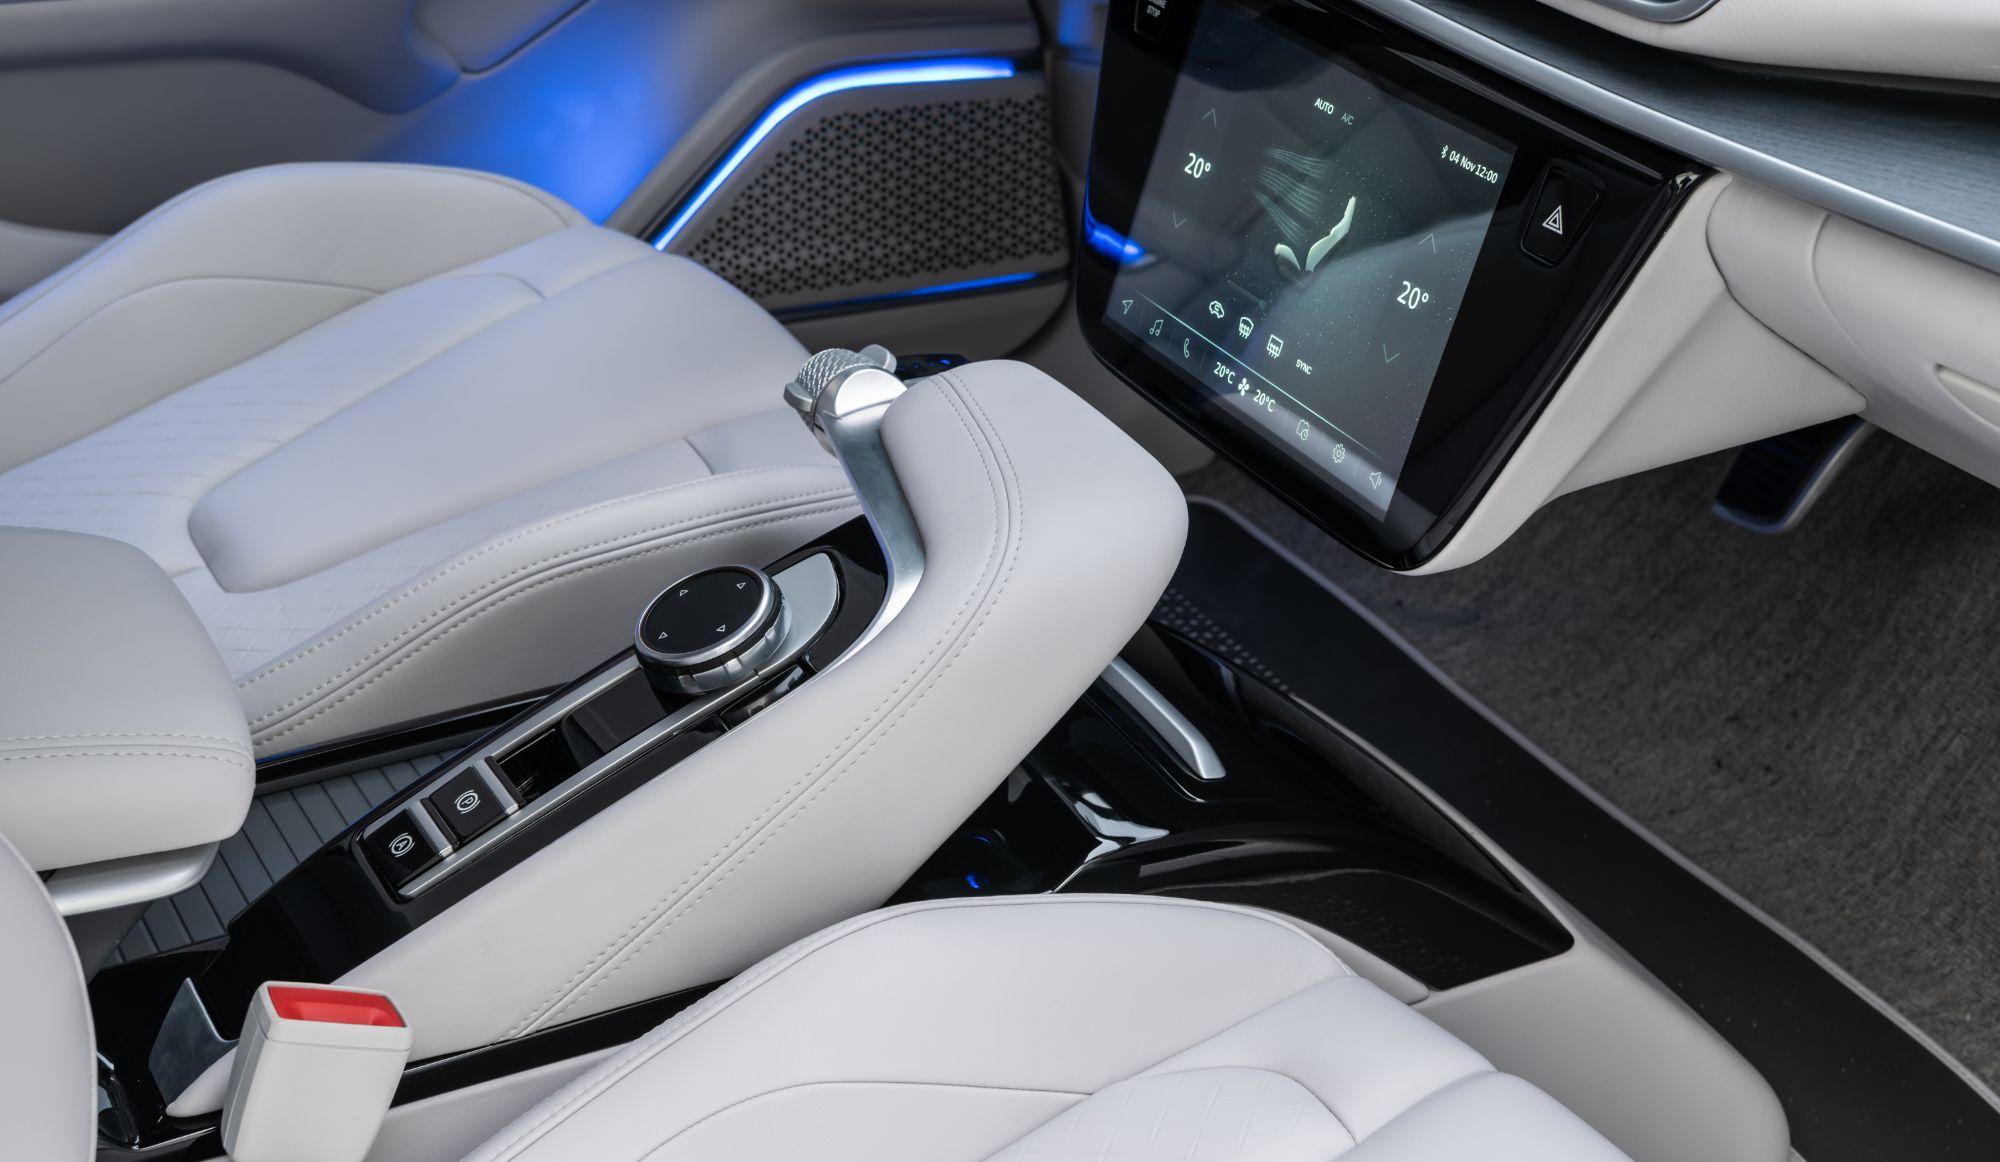 Türkiye'nin otomobilinin ön aksında yer alan bağımsız MacPherson ve arka aksında kullanılan tam bağımsız entegre süspansiyon sistemi ile sportif ve dinamik sürüş hissi, mükemmel yol tutuş ve sürüş konforu arasında ideal denge kullanıcının kontrolünde olacak.